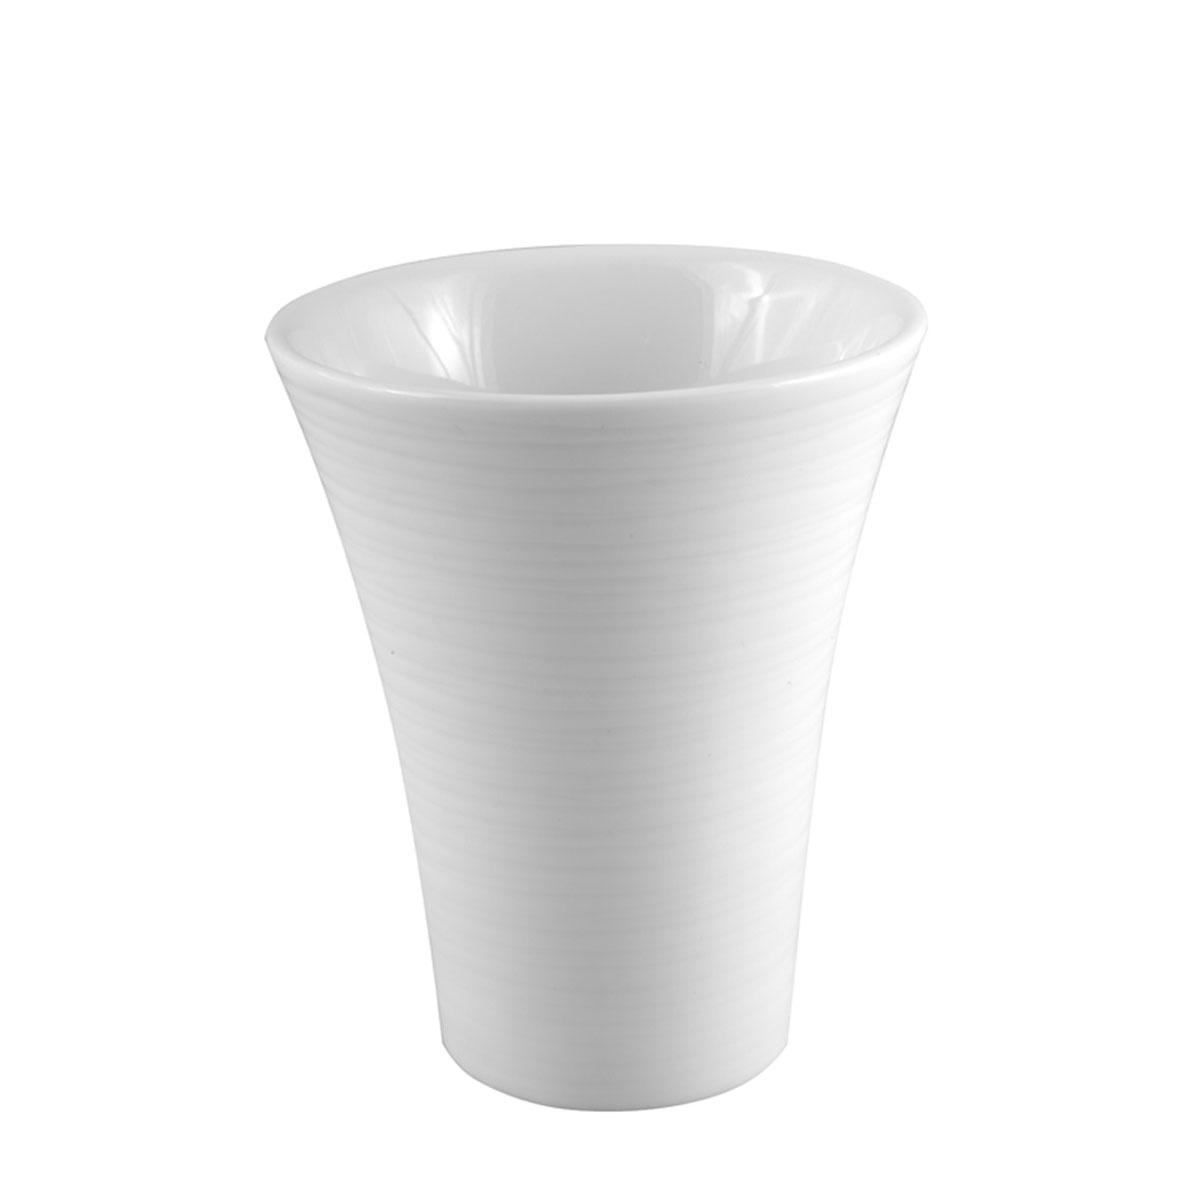 Gobelet en porcelaine rayée (Blanc)